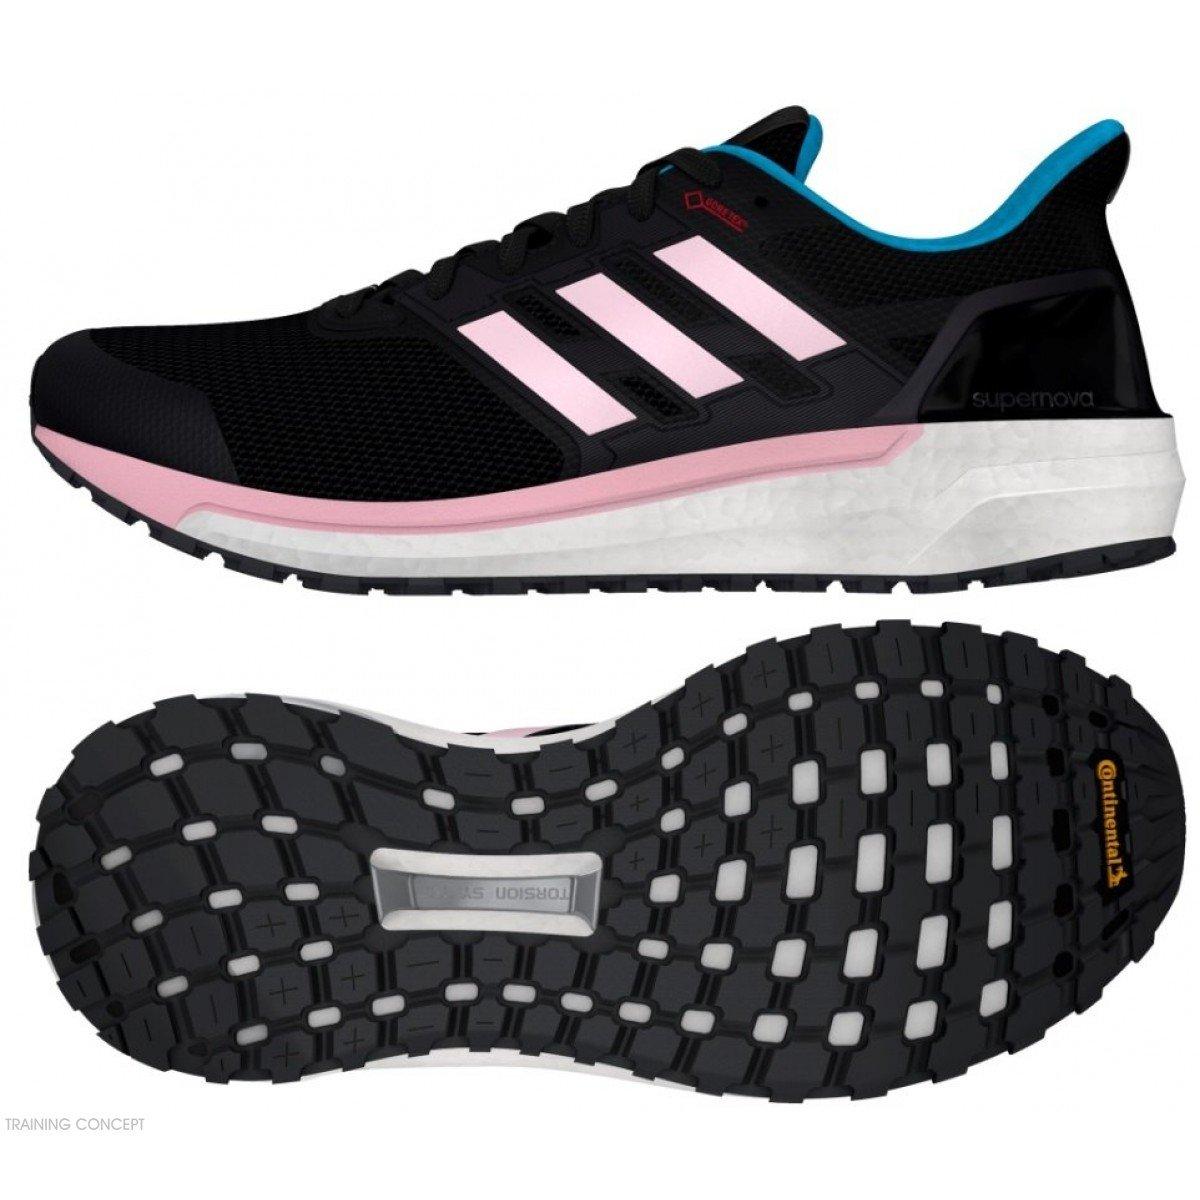 Chaussures de running Adidas Supernova GTX Femme b96281